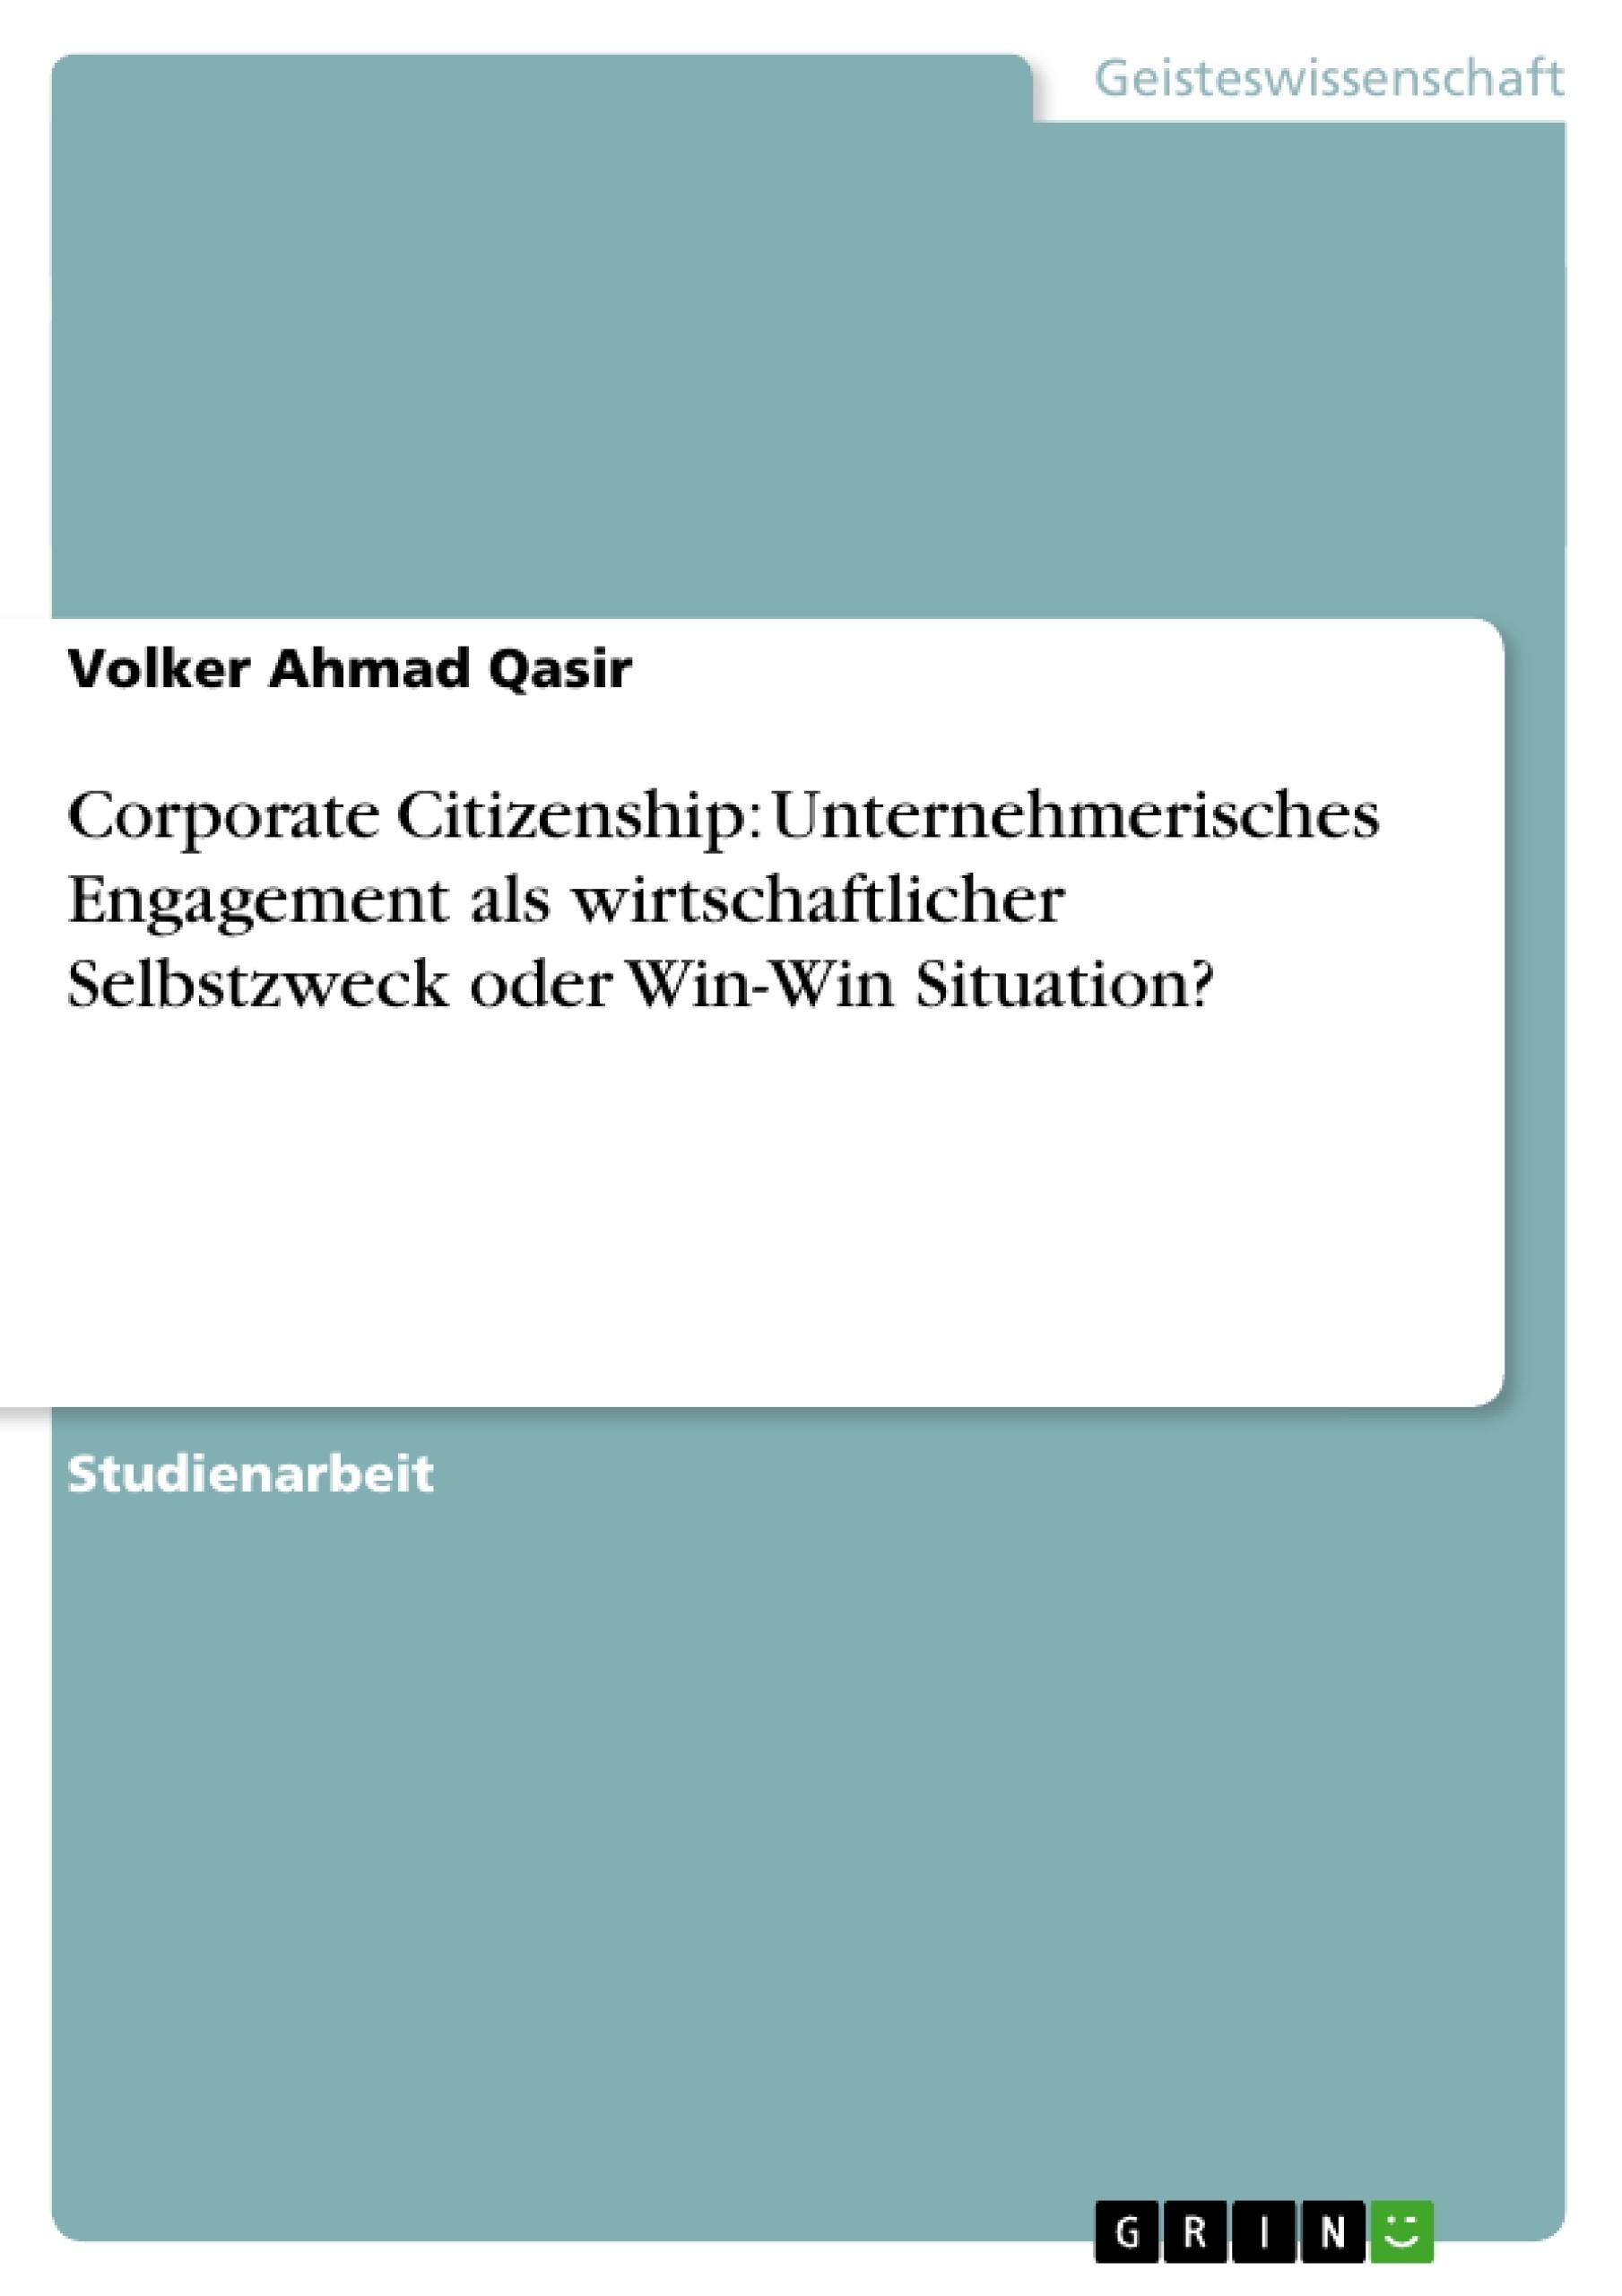 Titel: Corporate Citizenship: Unternehmerisches Engagement als wirtschaftlicher Selbstzweck oder Win-Win Situation?